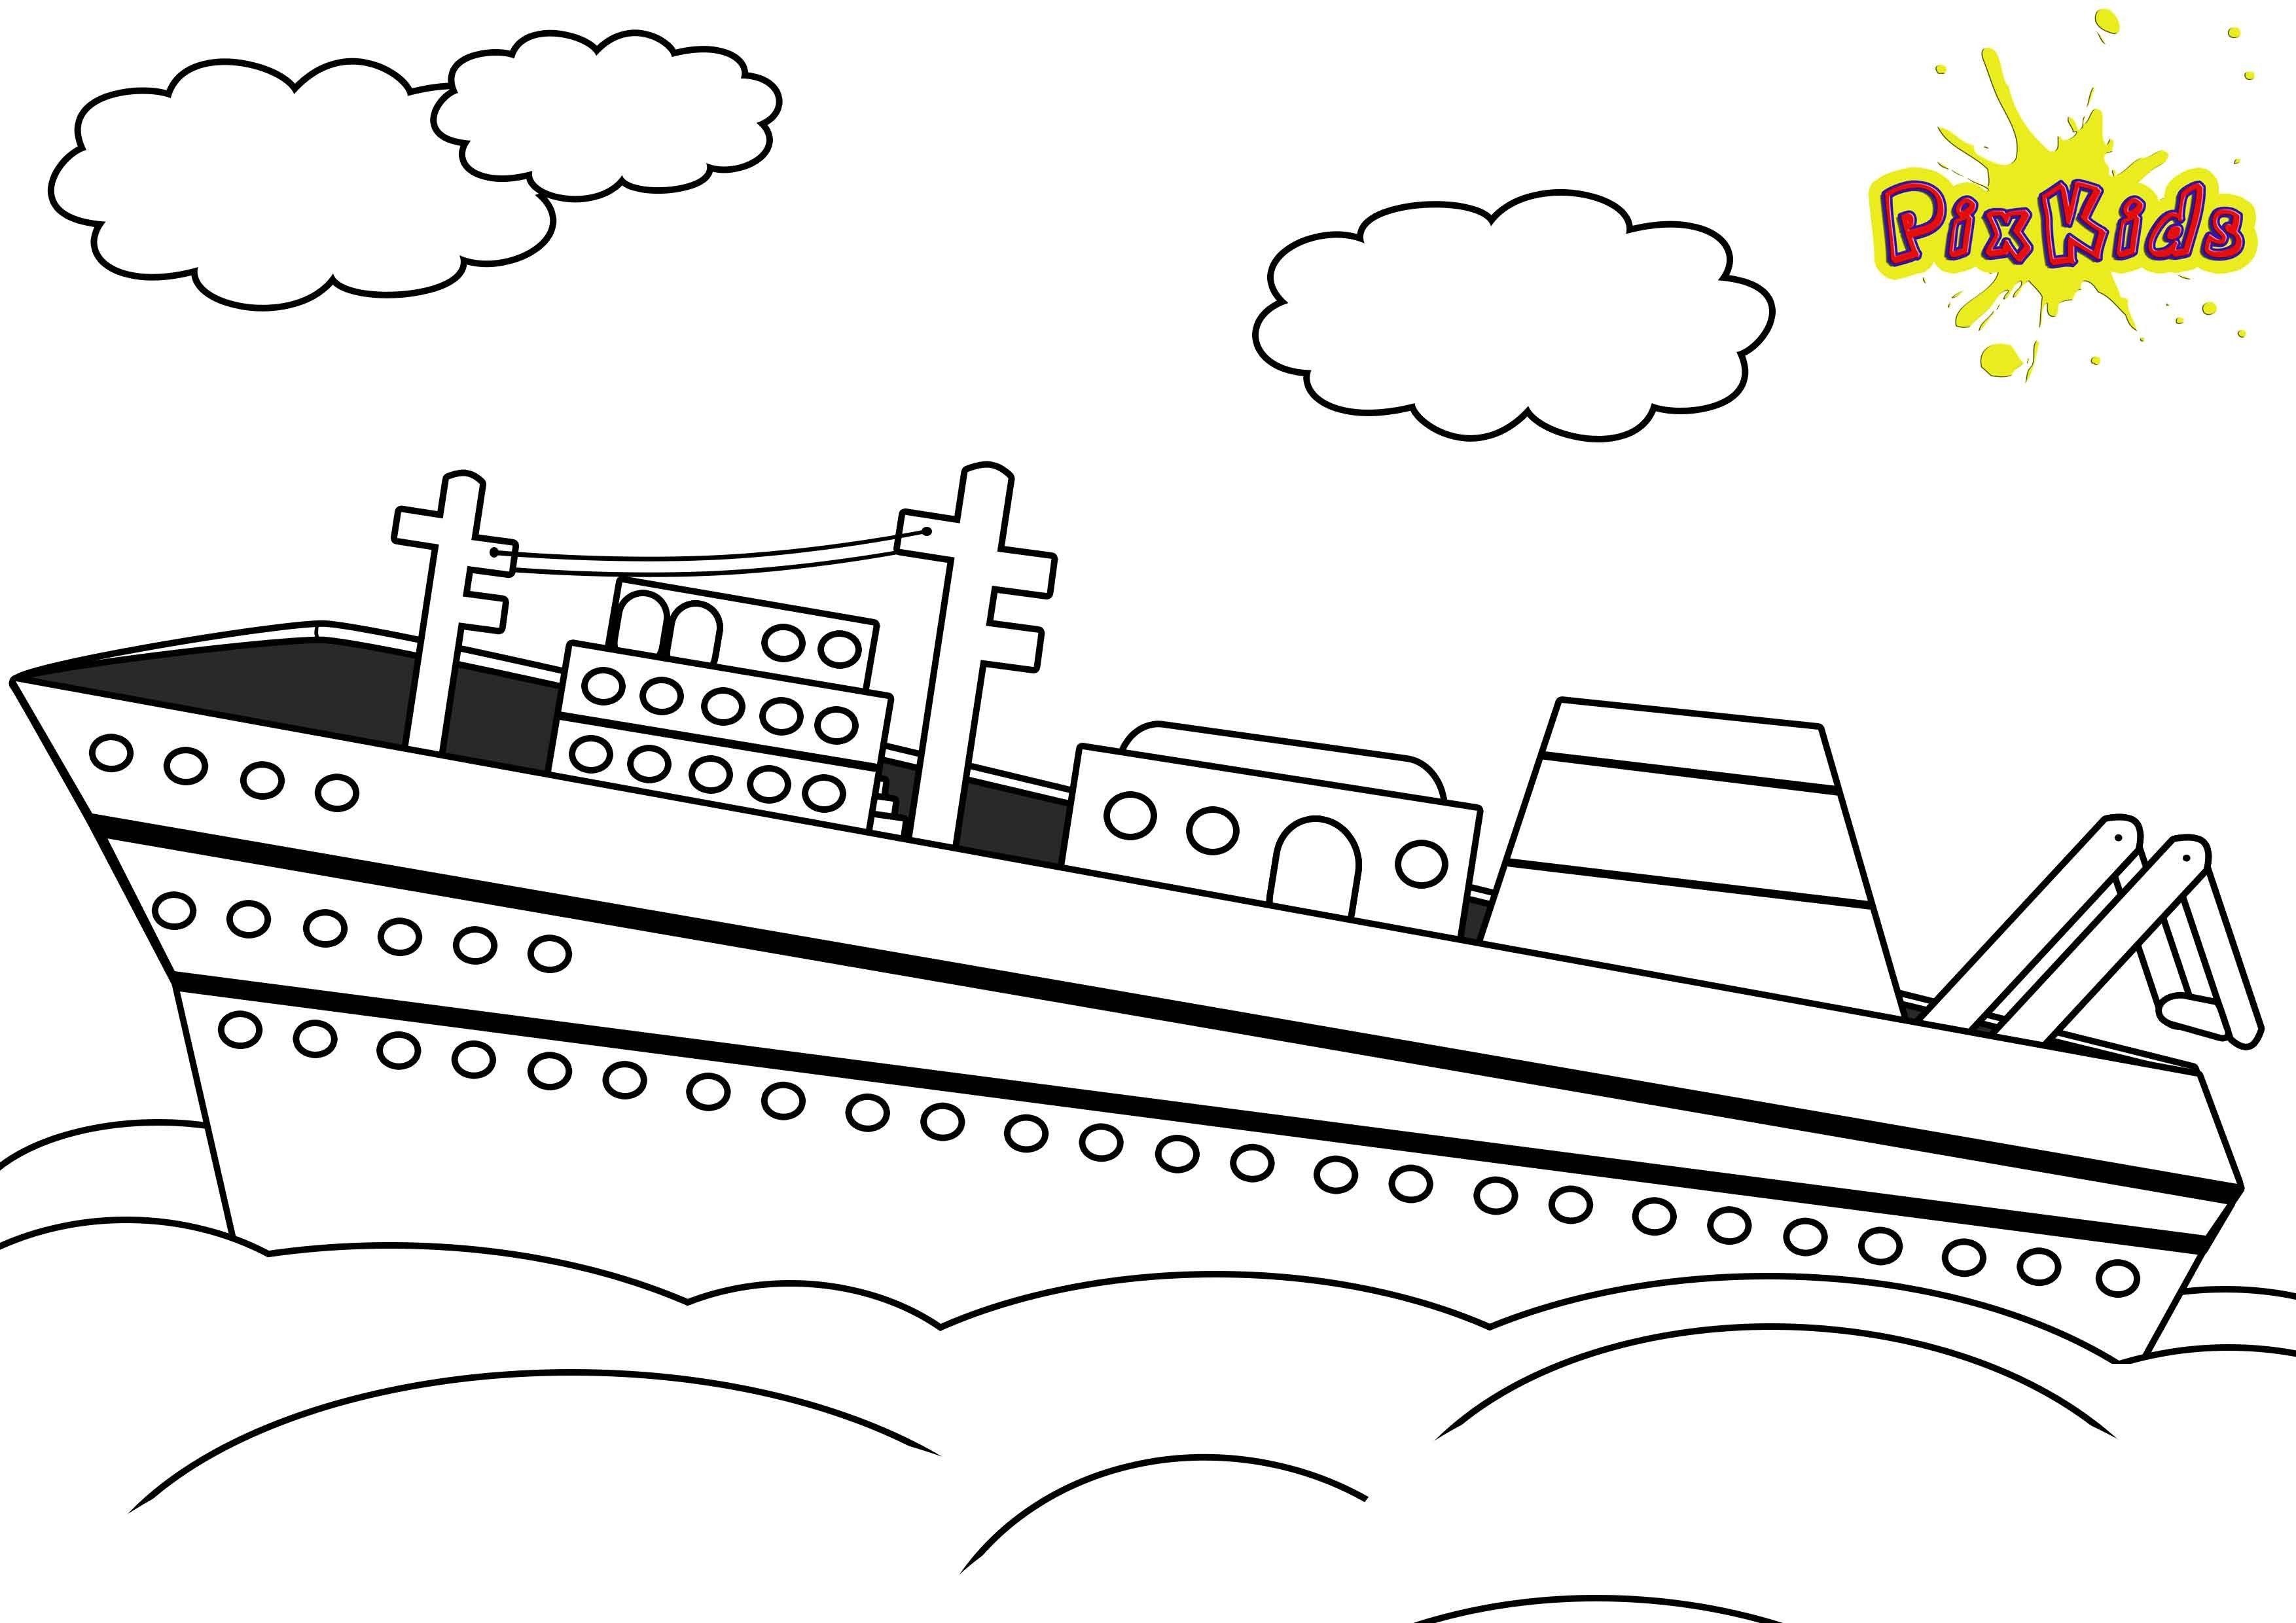 malvorlage schiff einfach - tiffanylovesbooks